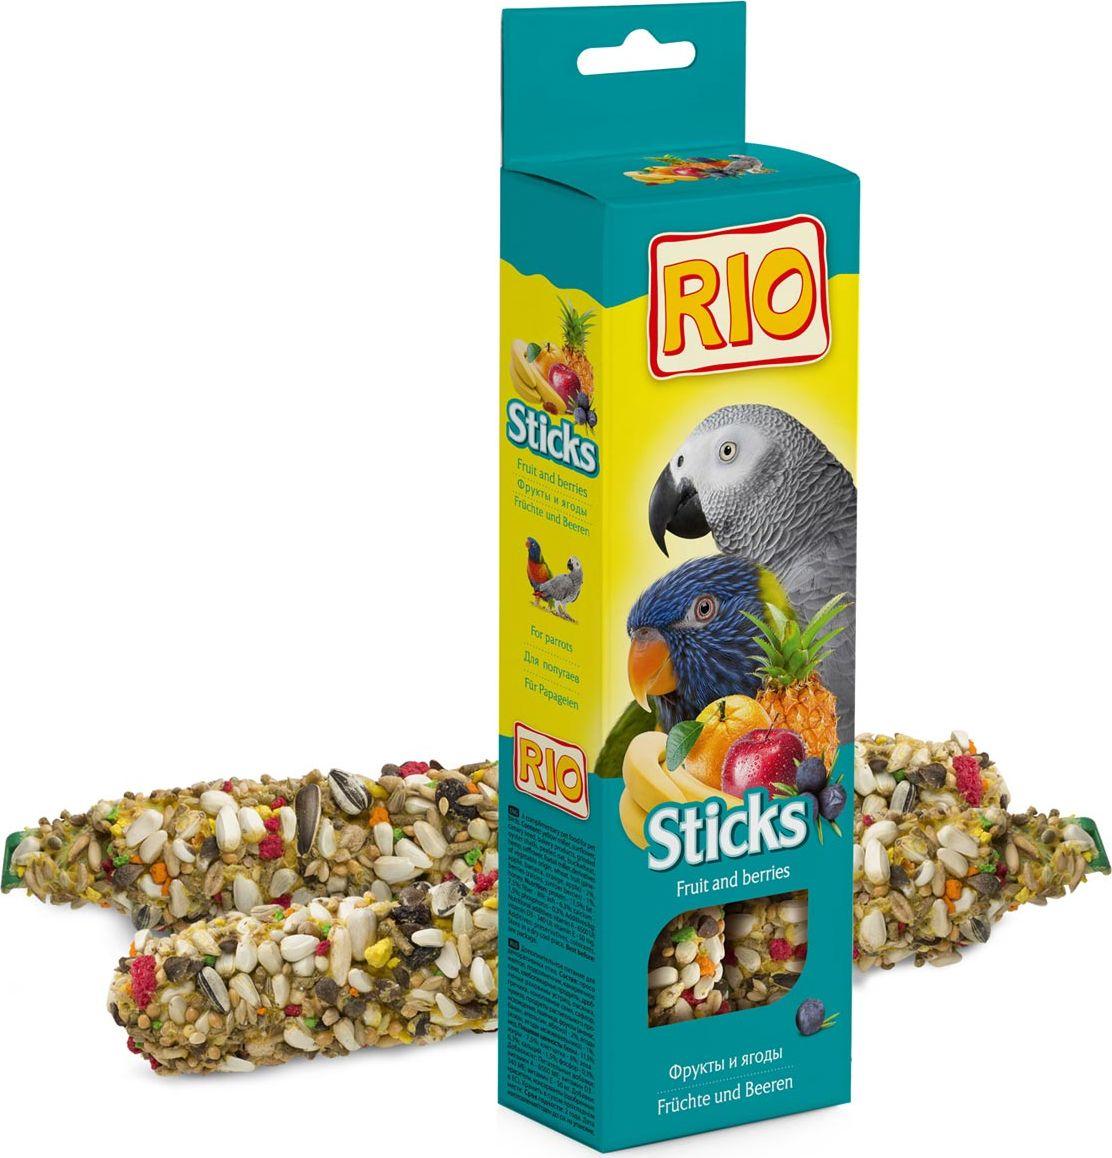 Лакомство для попугаев RIO, палочки, с фруктами и ягодами, 75 г, 2 шт rio rio палочки для средних попугаев с тропическими фруктами 2 шт 75 г